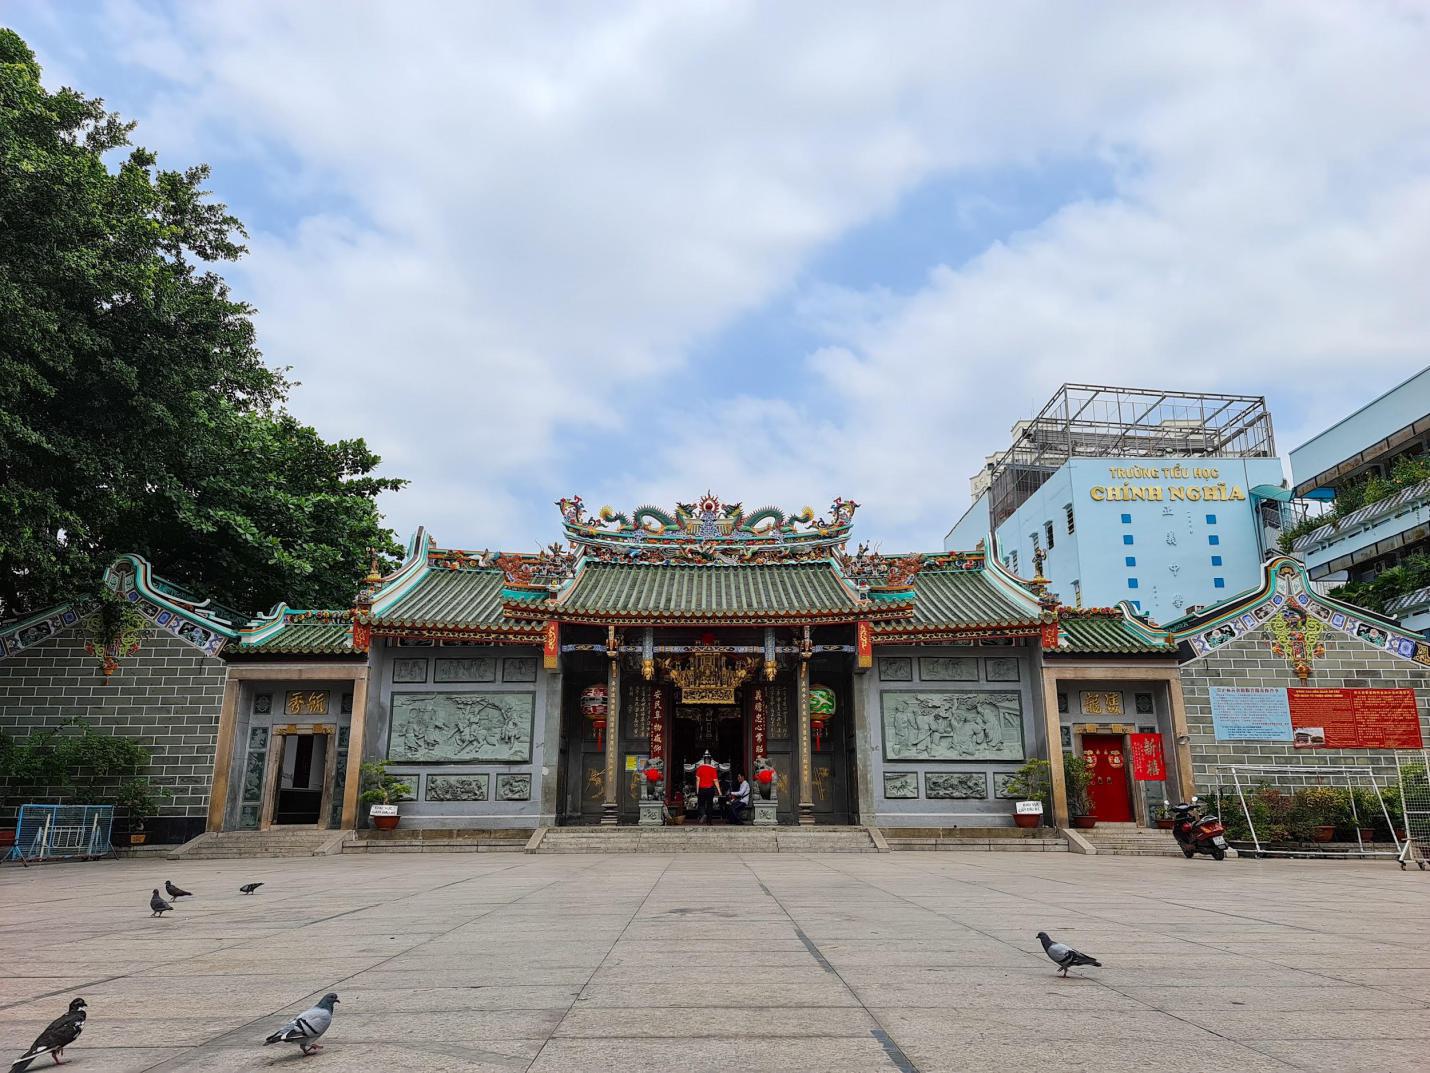 Ở nhà tranh thủ ngắm nhìn Sài Gòn ngay lúc này: nhận ra nhiều điều hay, vẻ đẹp mình lỡ đánh rơi - Ảnh 5.